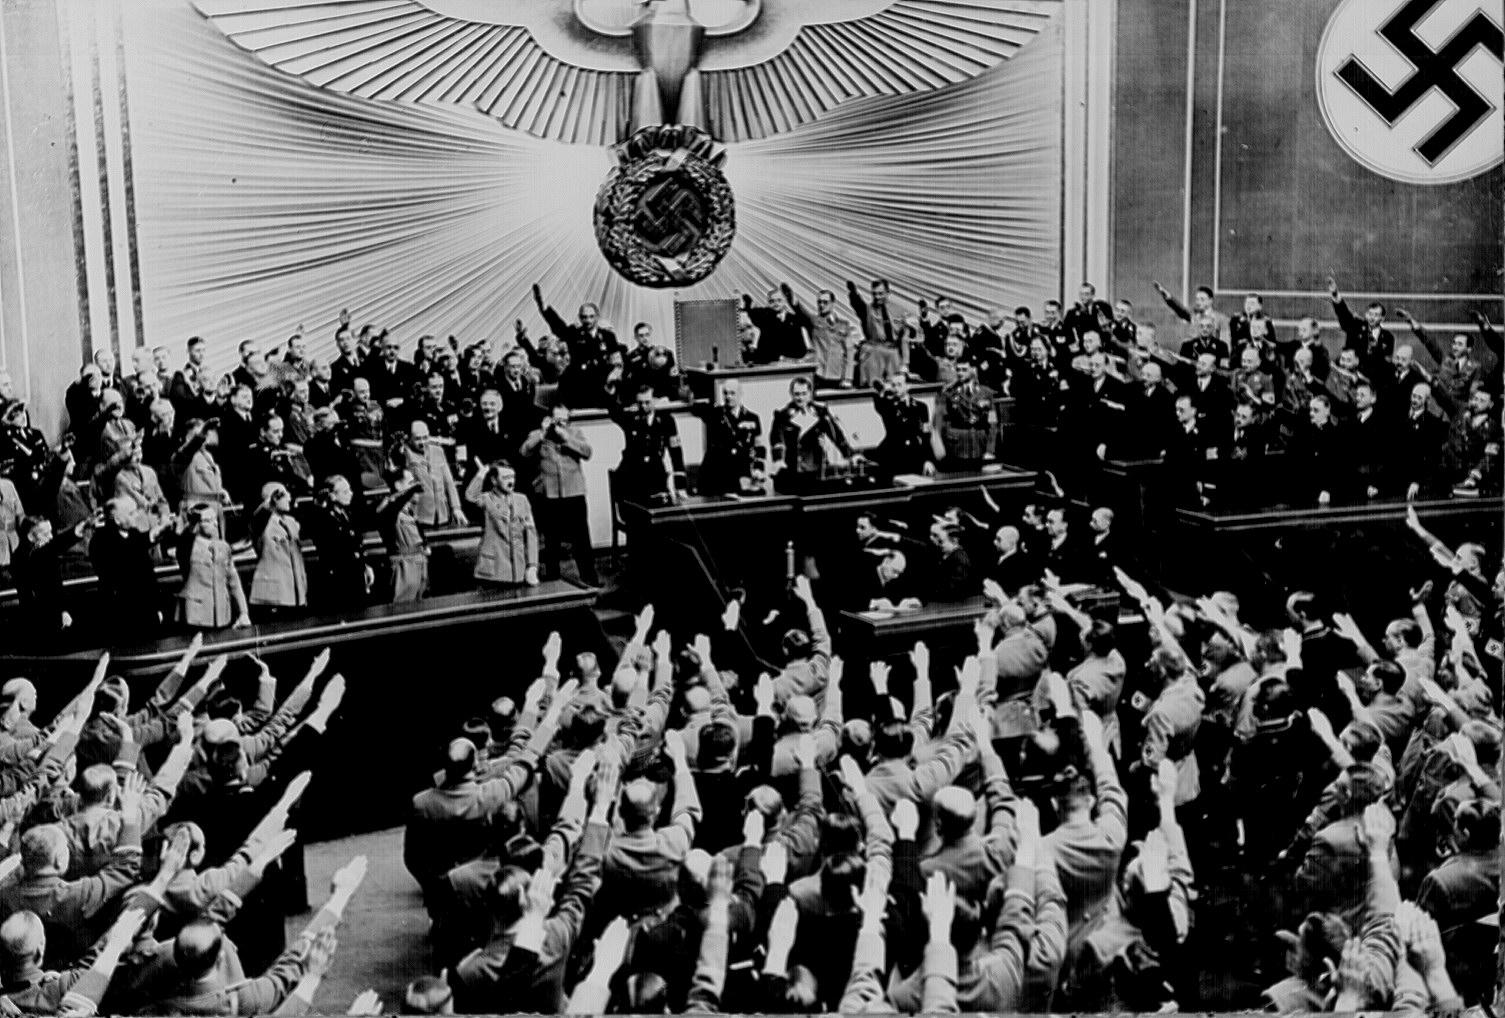 Cvorumul, anticorp impotriva dictaturii si populismului plebiscitar